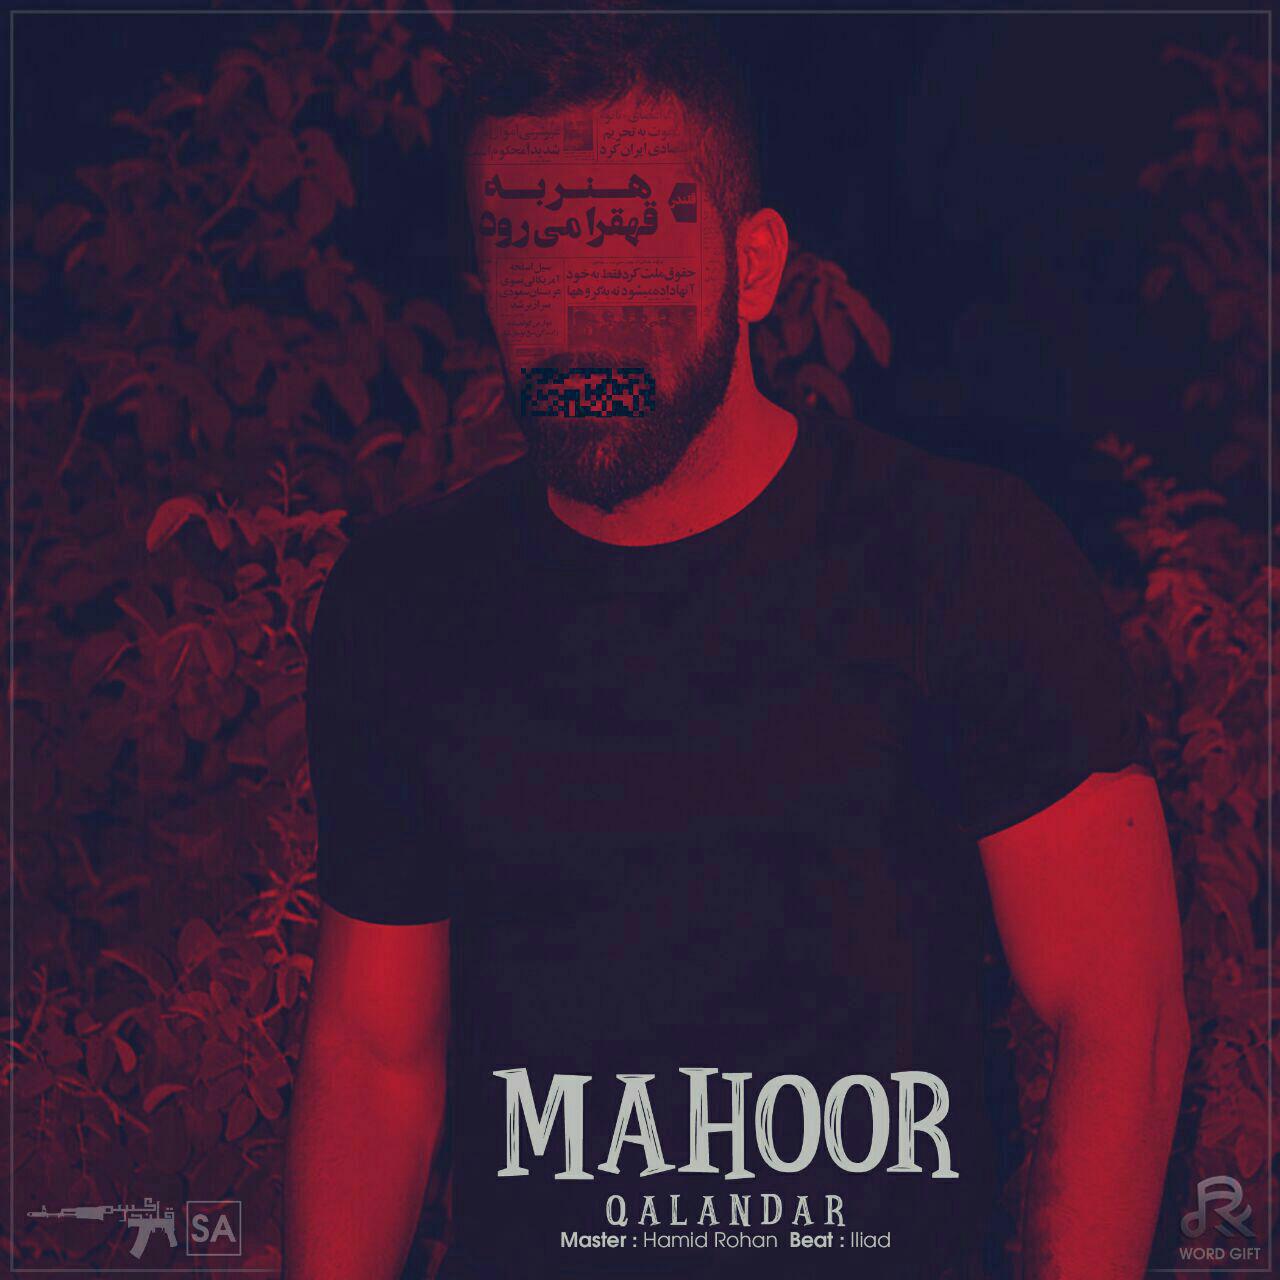 Mahoor